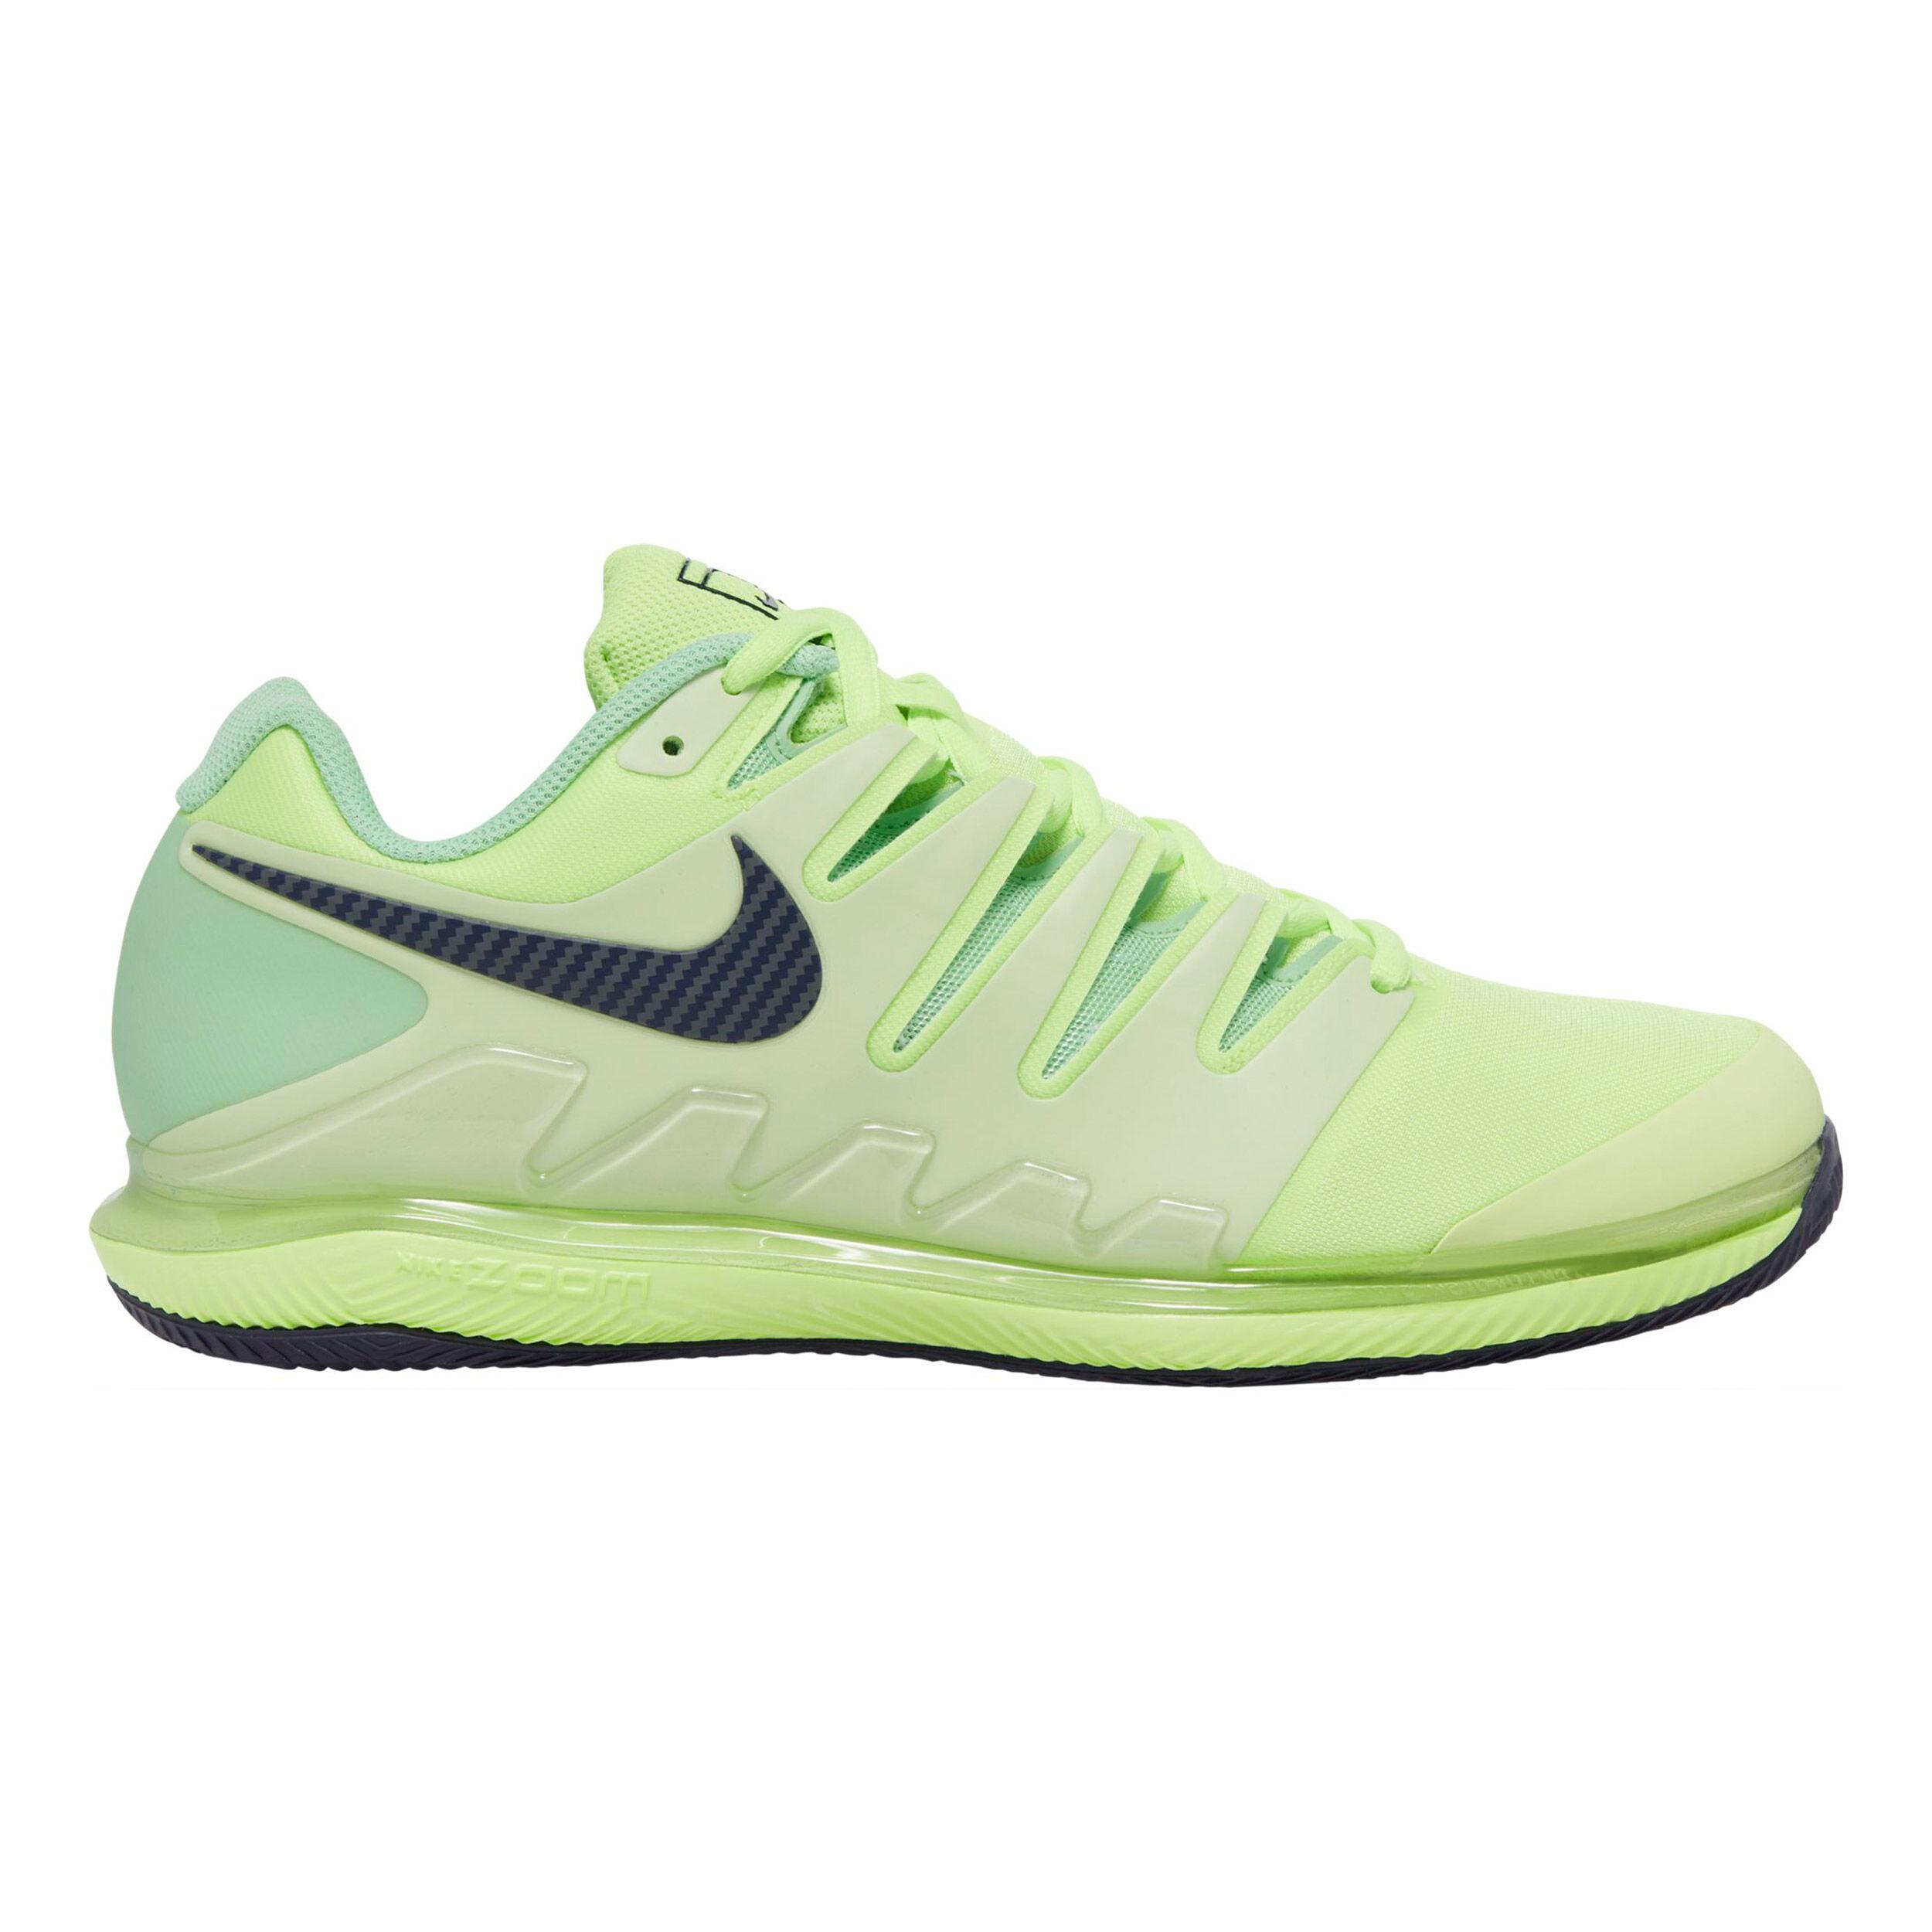 Nike Air Zoom Vapor X Clay Zapatilla Tierra Batida Hombres